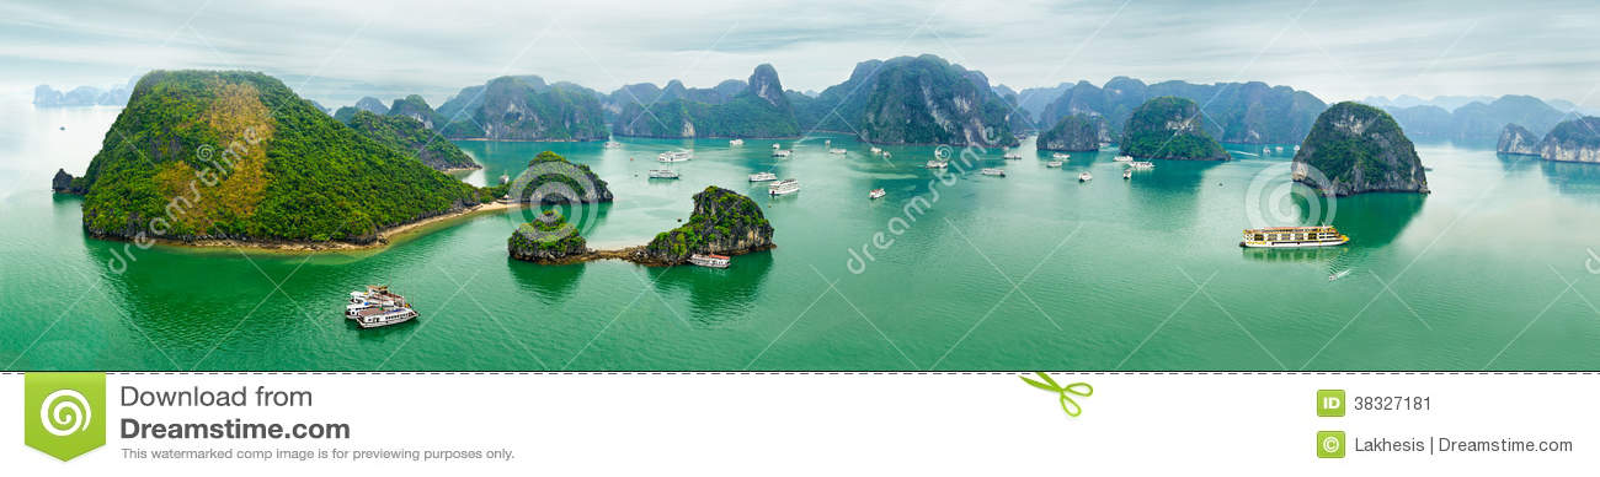 Panorama view of Ha Long Bay, Vietnam